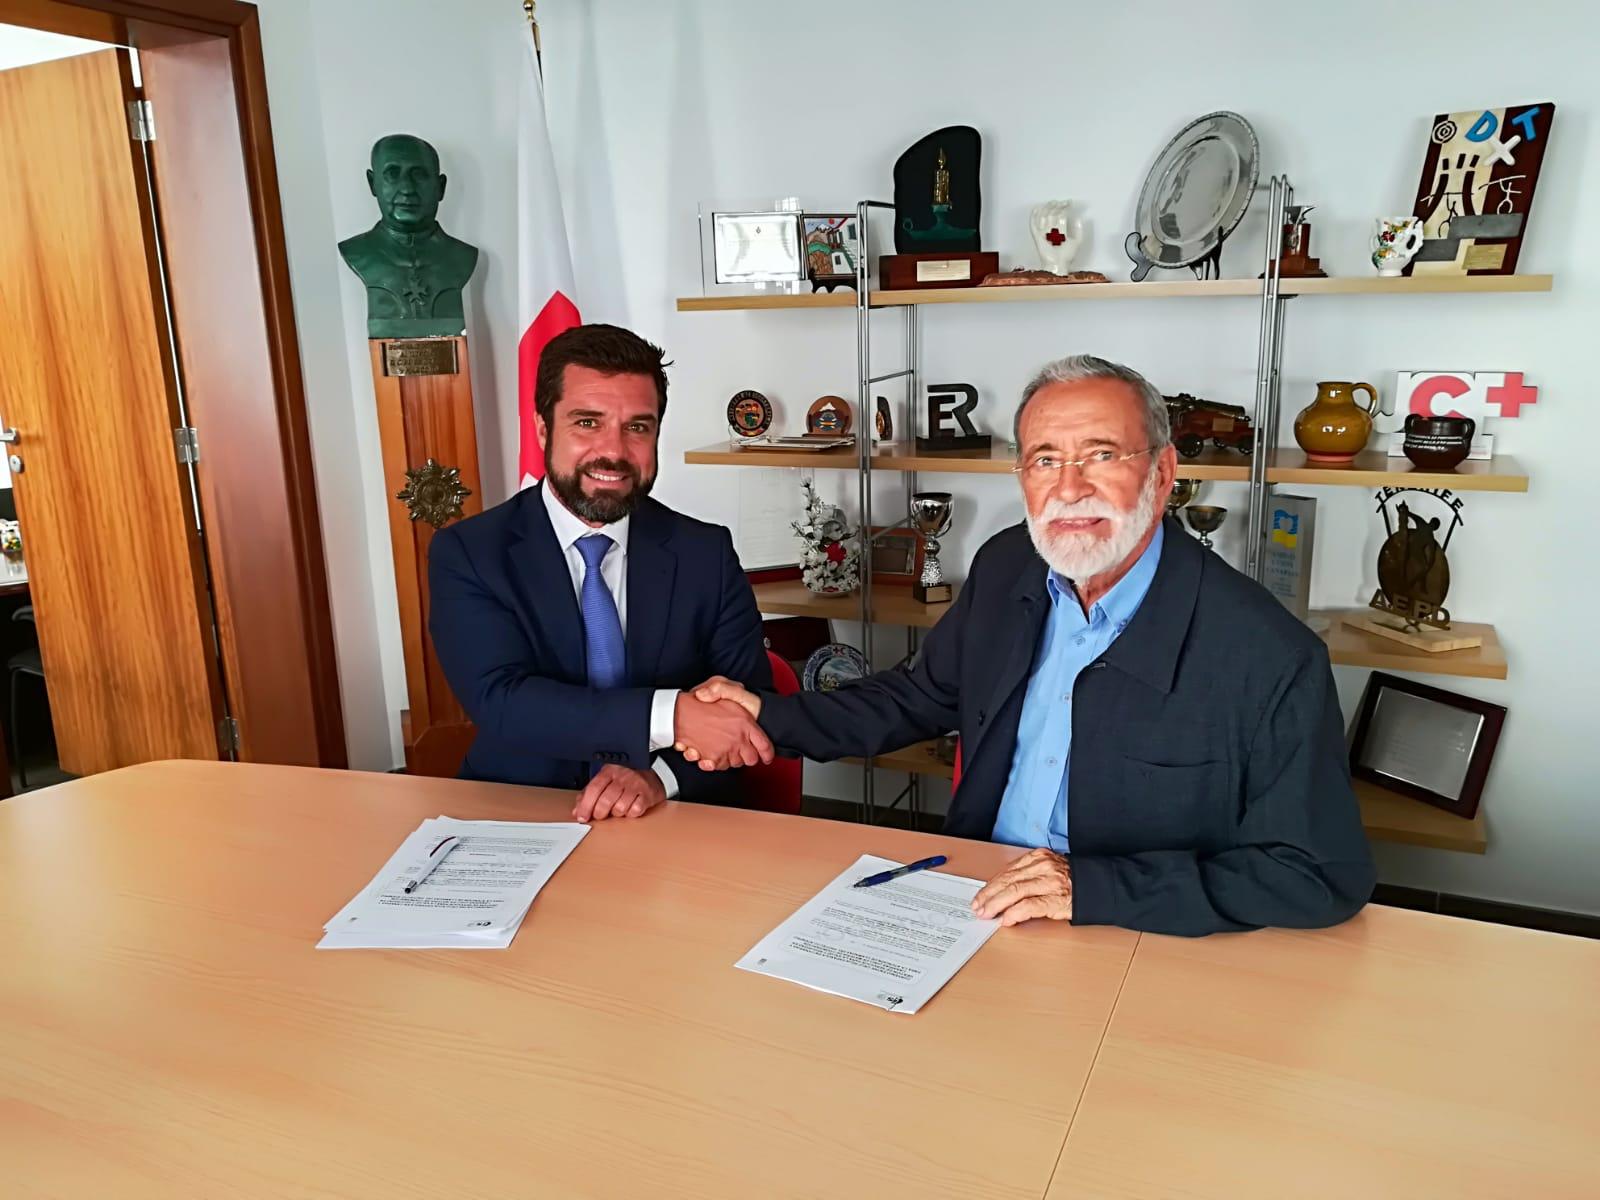 1-1-2 Canarias y Cruz Roja firman un convenio para mejorar la atención a las usuarias víctimas de violencia de género